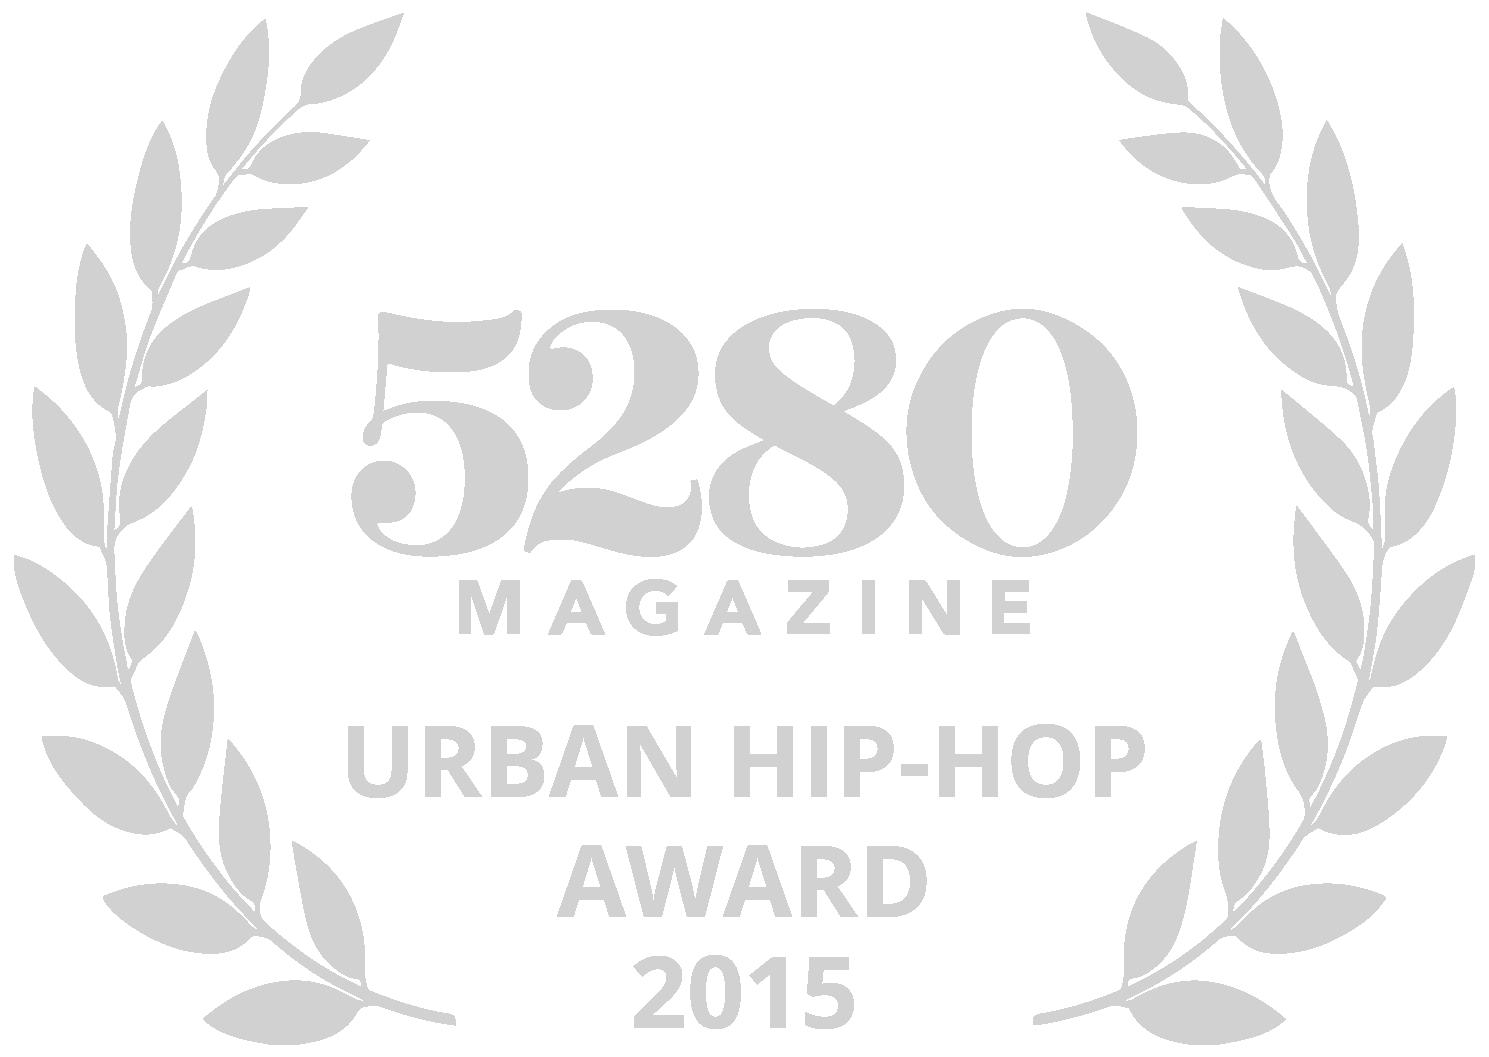 5280 Urban Hip Hop Award 2015